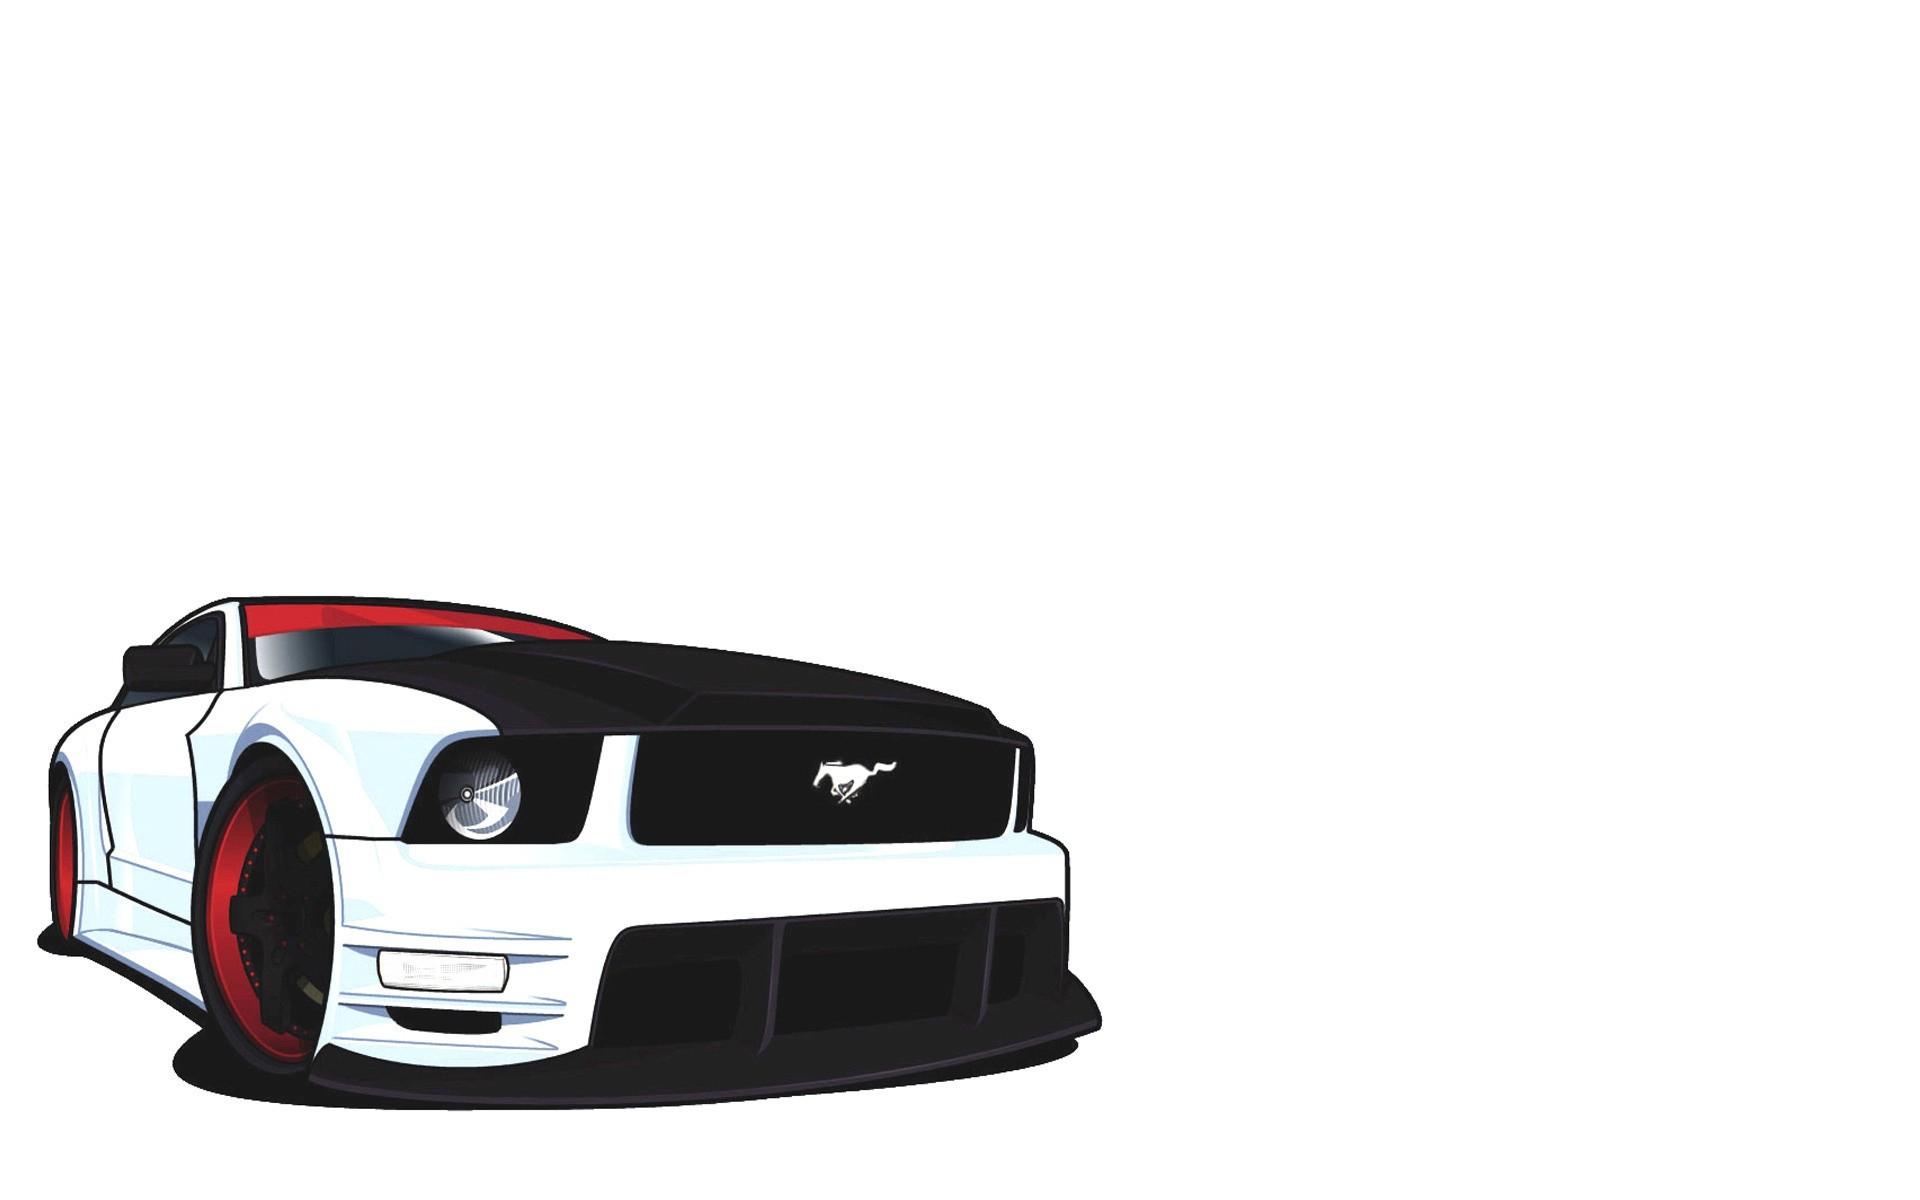 1920x1200 Download The Mustang Vector Wallpaper, Mustang Vector Iphone